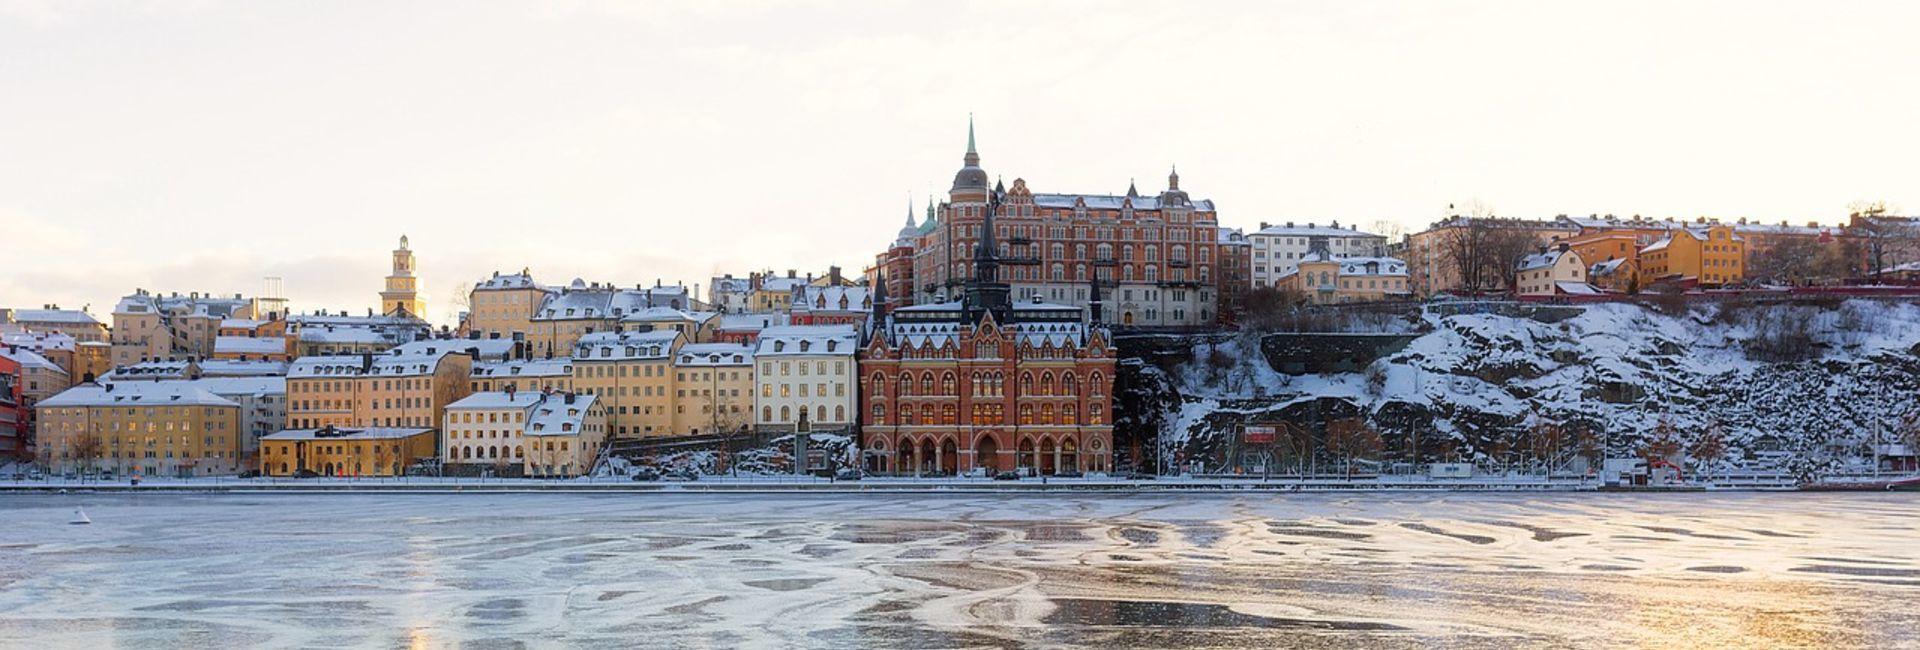 city stockholm escort skärholmen